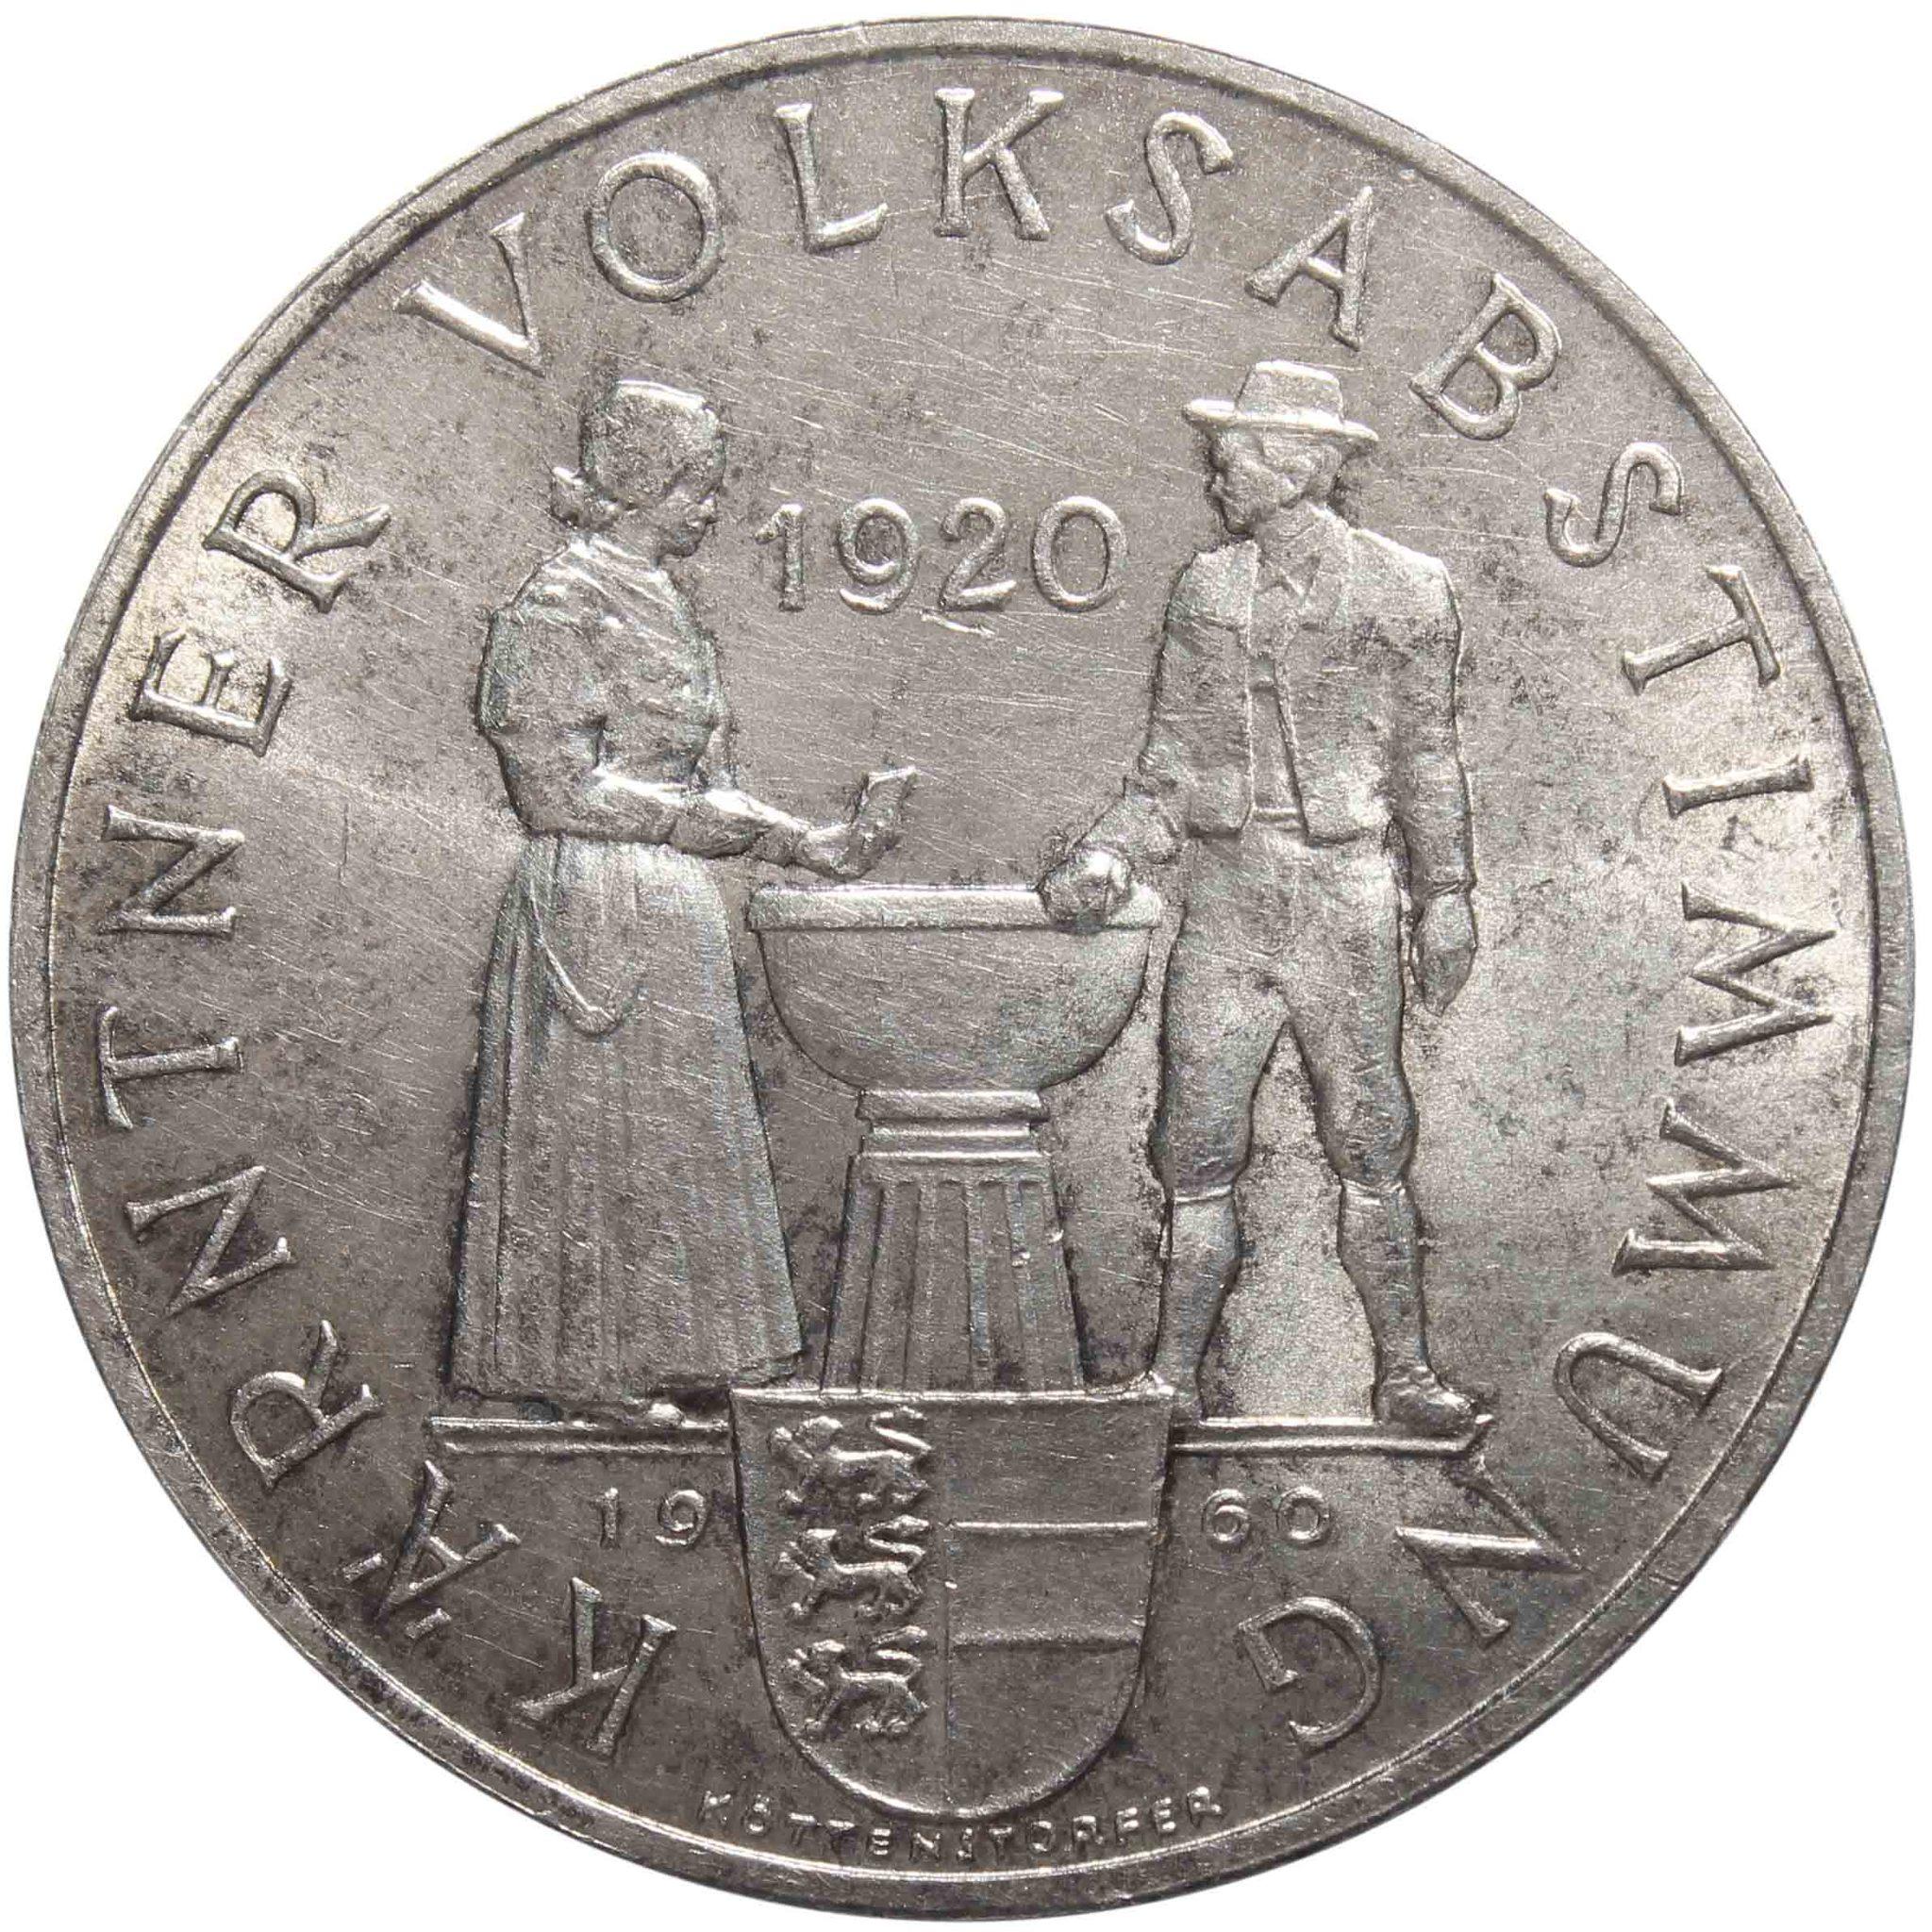 25 шиллингов. 40 лет Каринтийскому референдуму. Австрия. Серебро. 1960 год. XF-AU